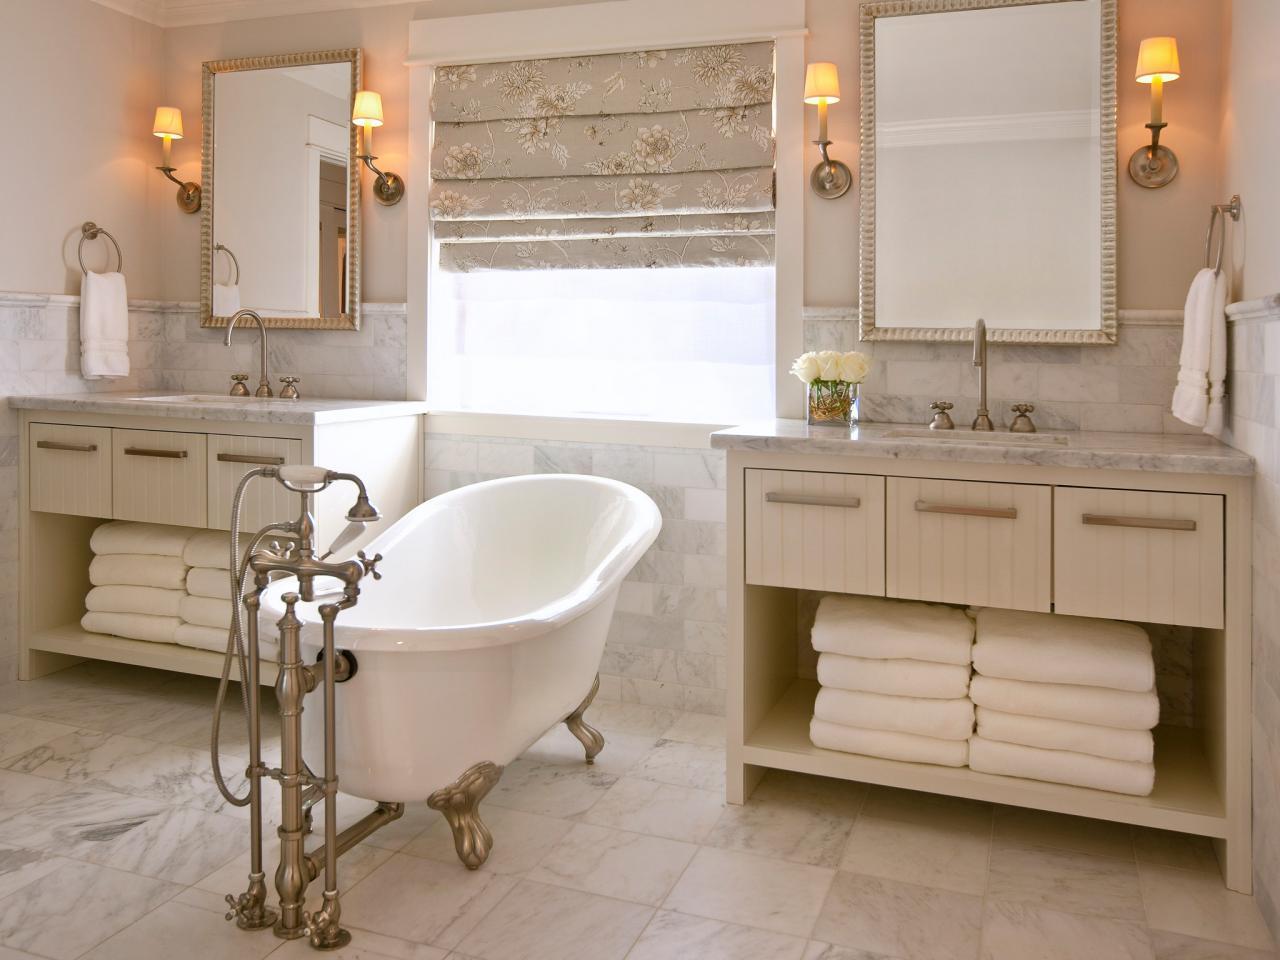 25 Most Popular Master Bathroom Designs For 2016 on Popular Bathroom Ideas  id=21560